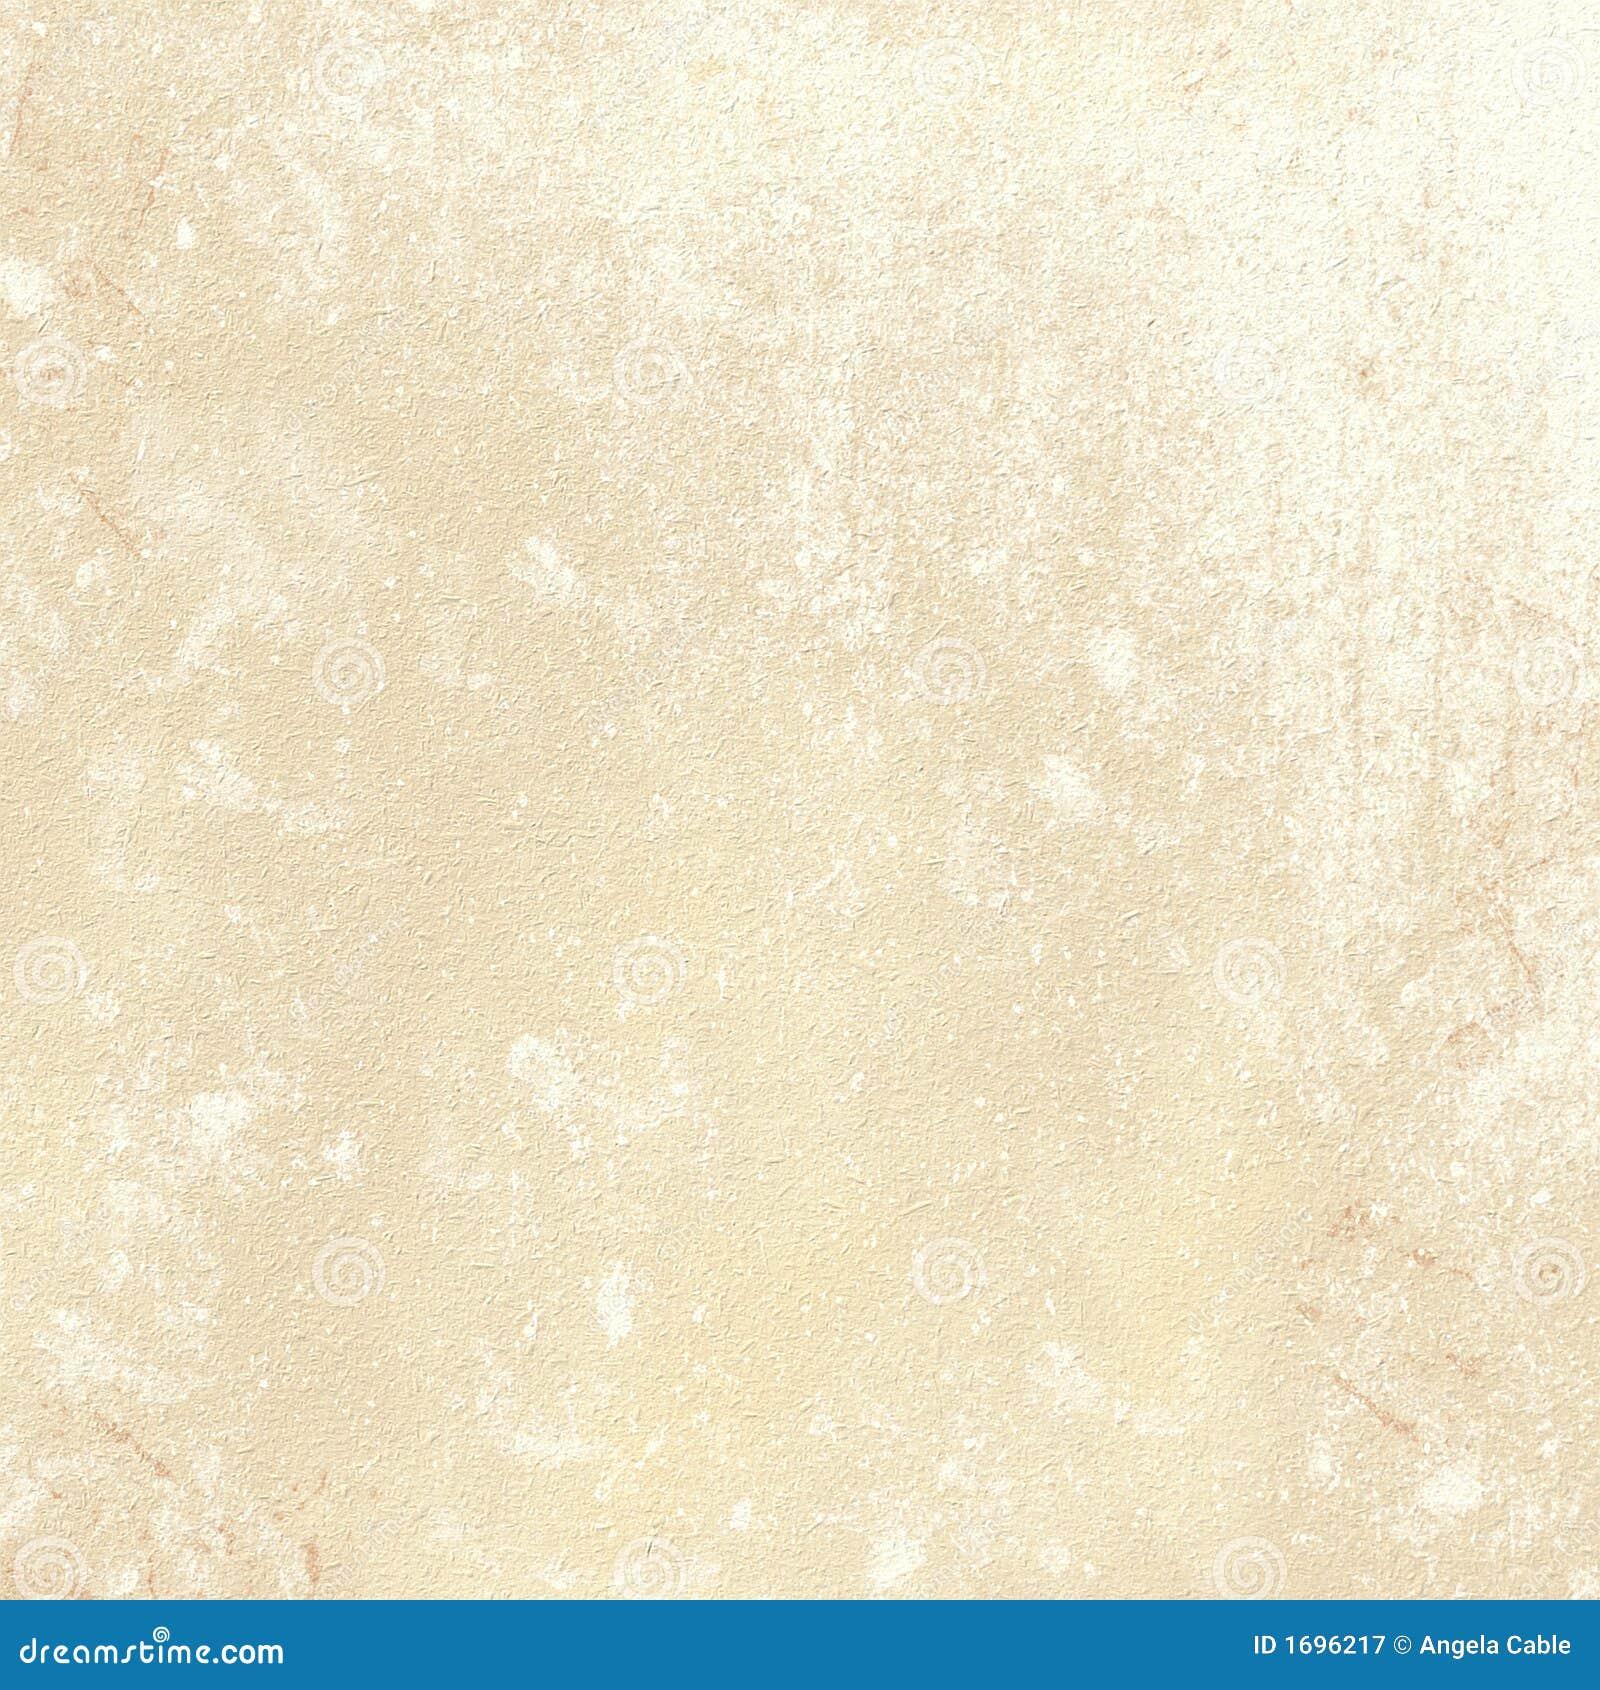 Hintergrund beunruhigte wand lizenzfreie stockfotografie - Hintergrund wand ...